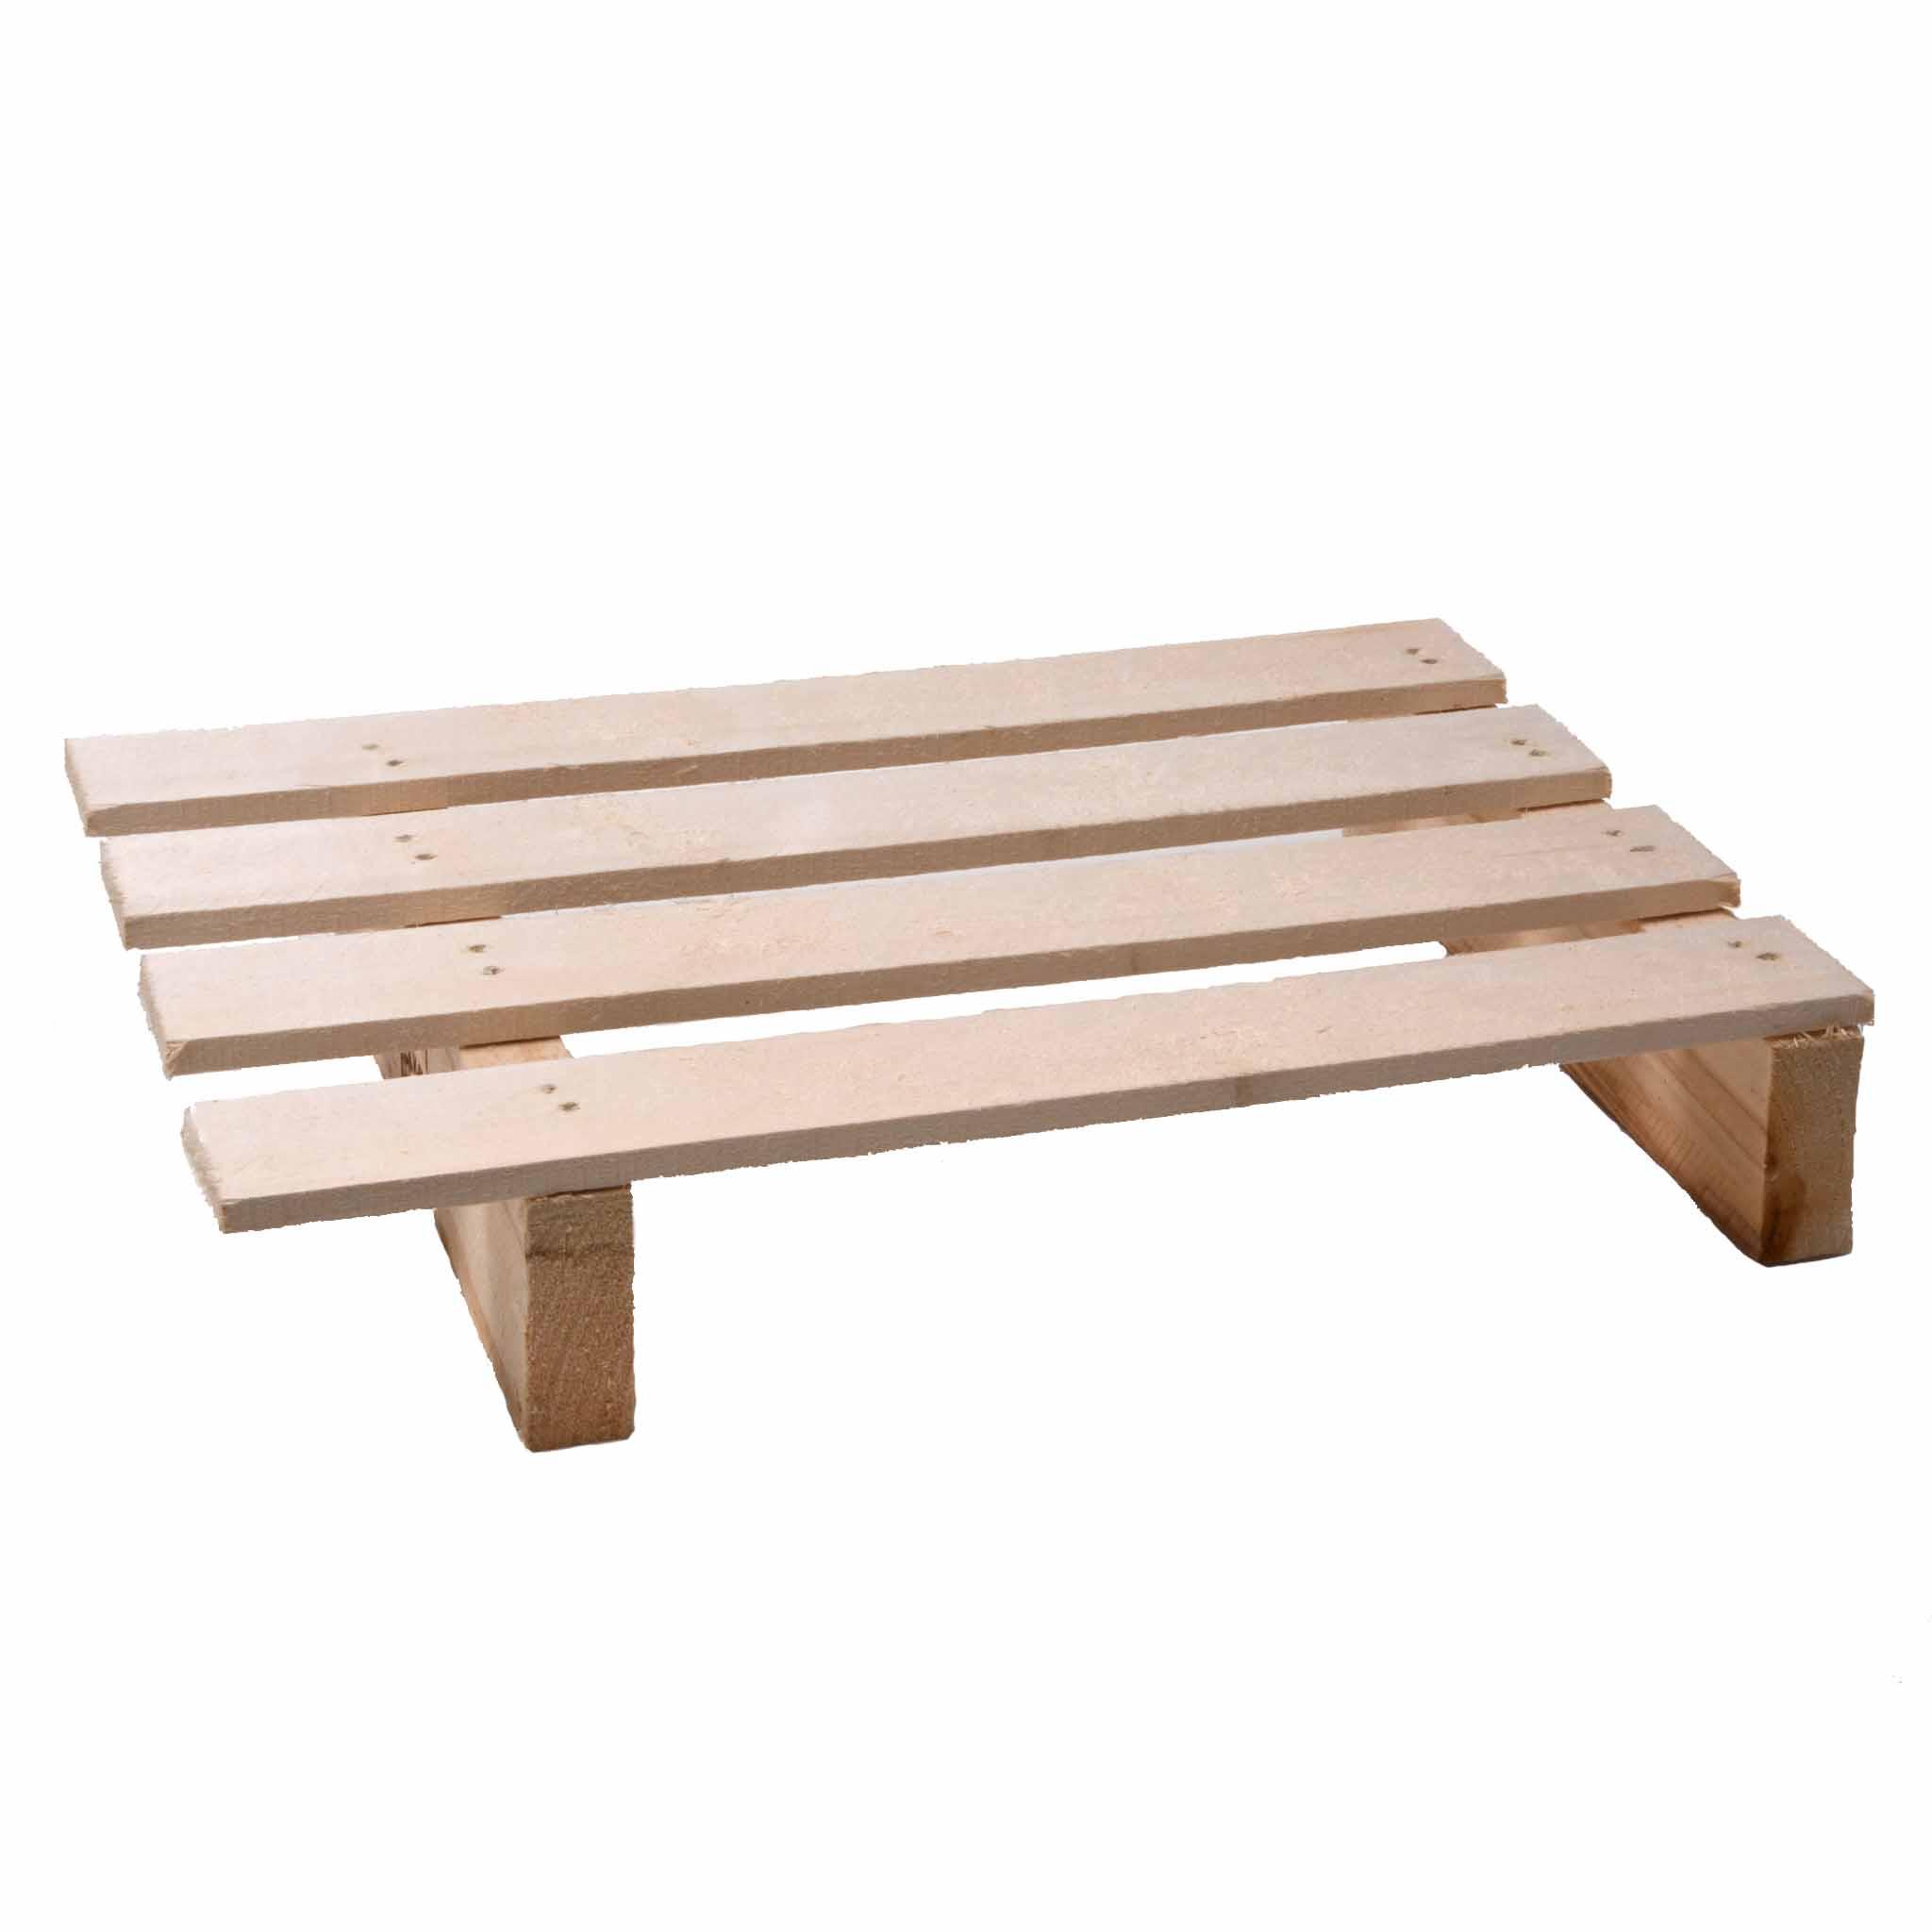 IPPC-Holzpaletten Größe 1.200 x 1.000 mm